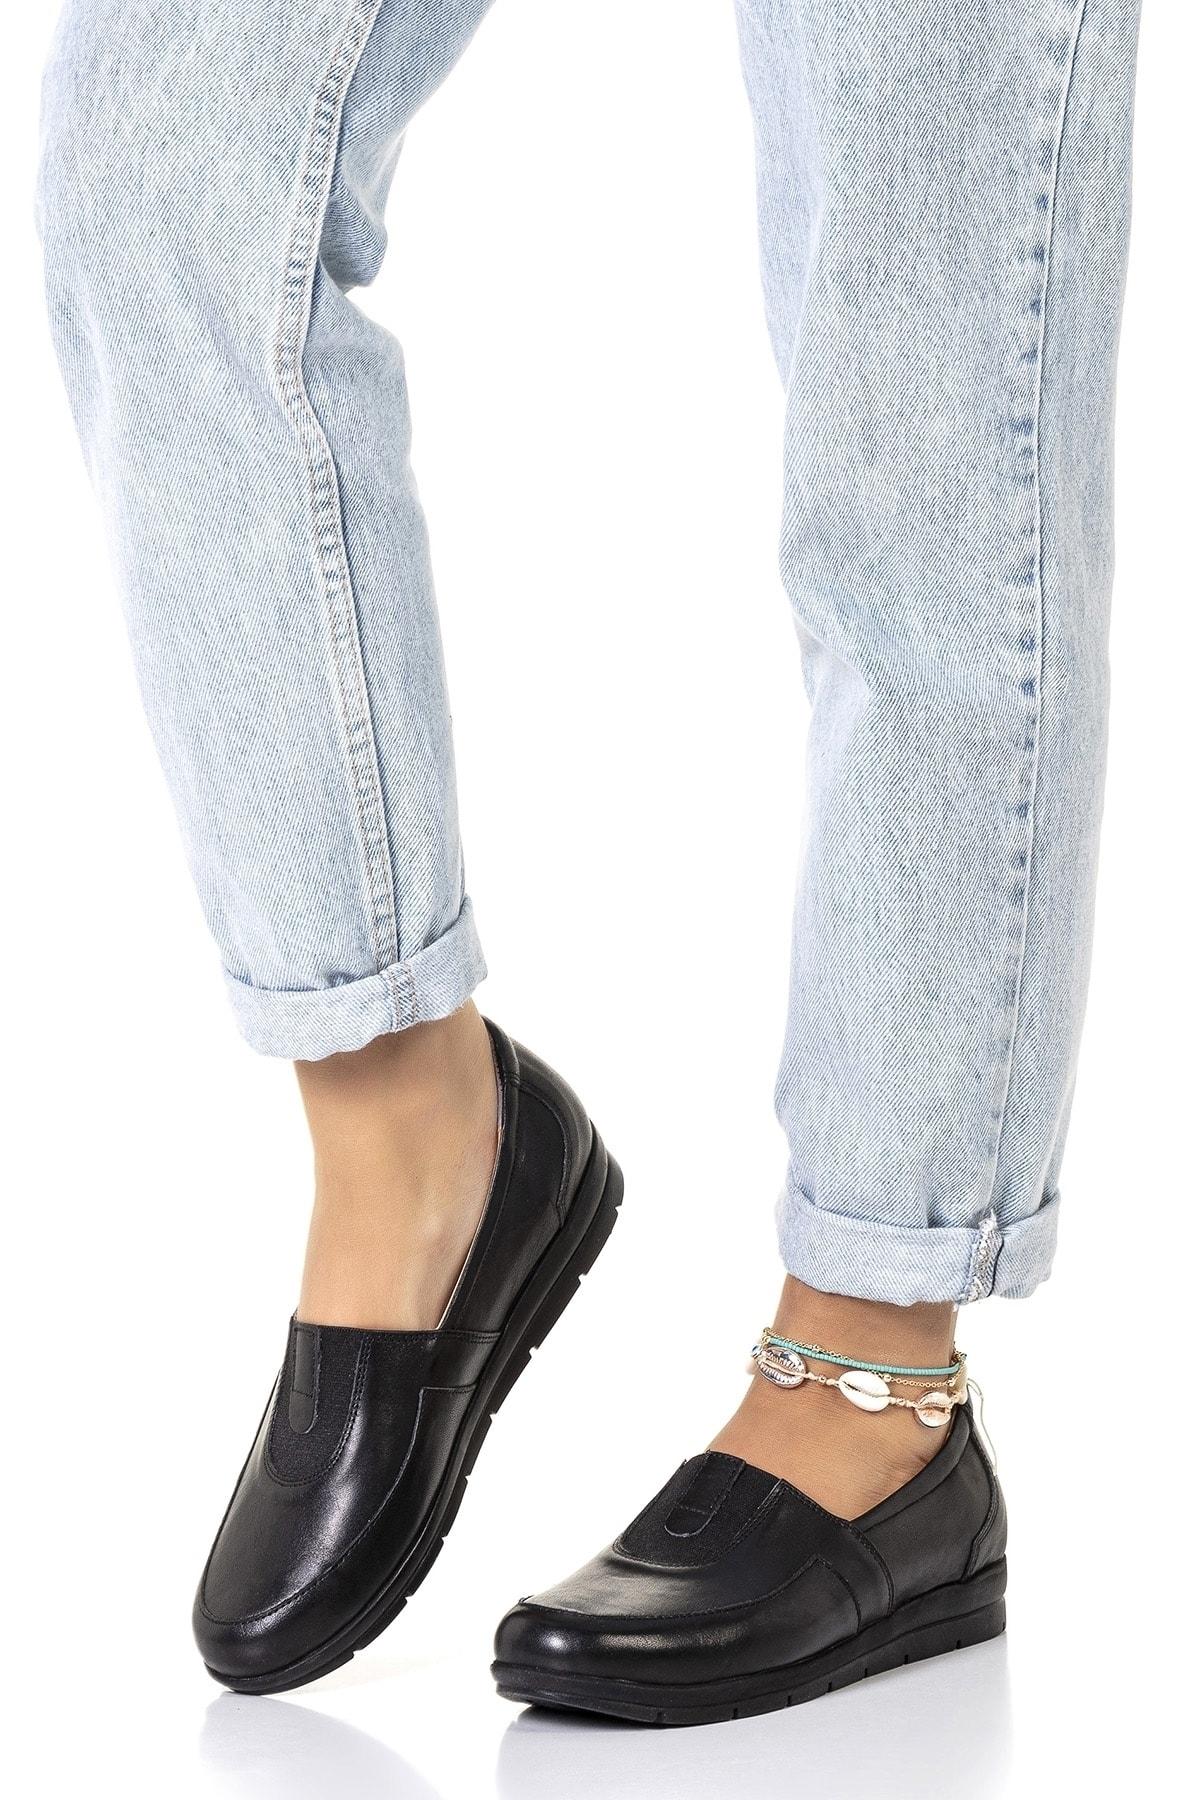 Vita Shoes Kadın Siyah Hakiki Deri Loafer Ayakkabı